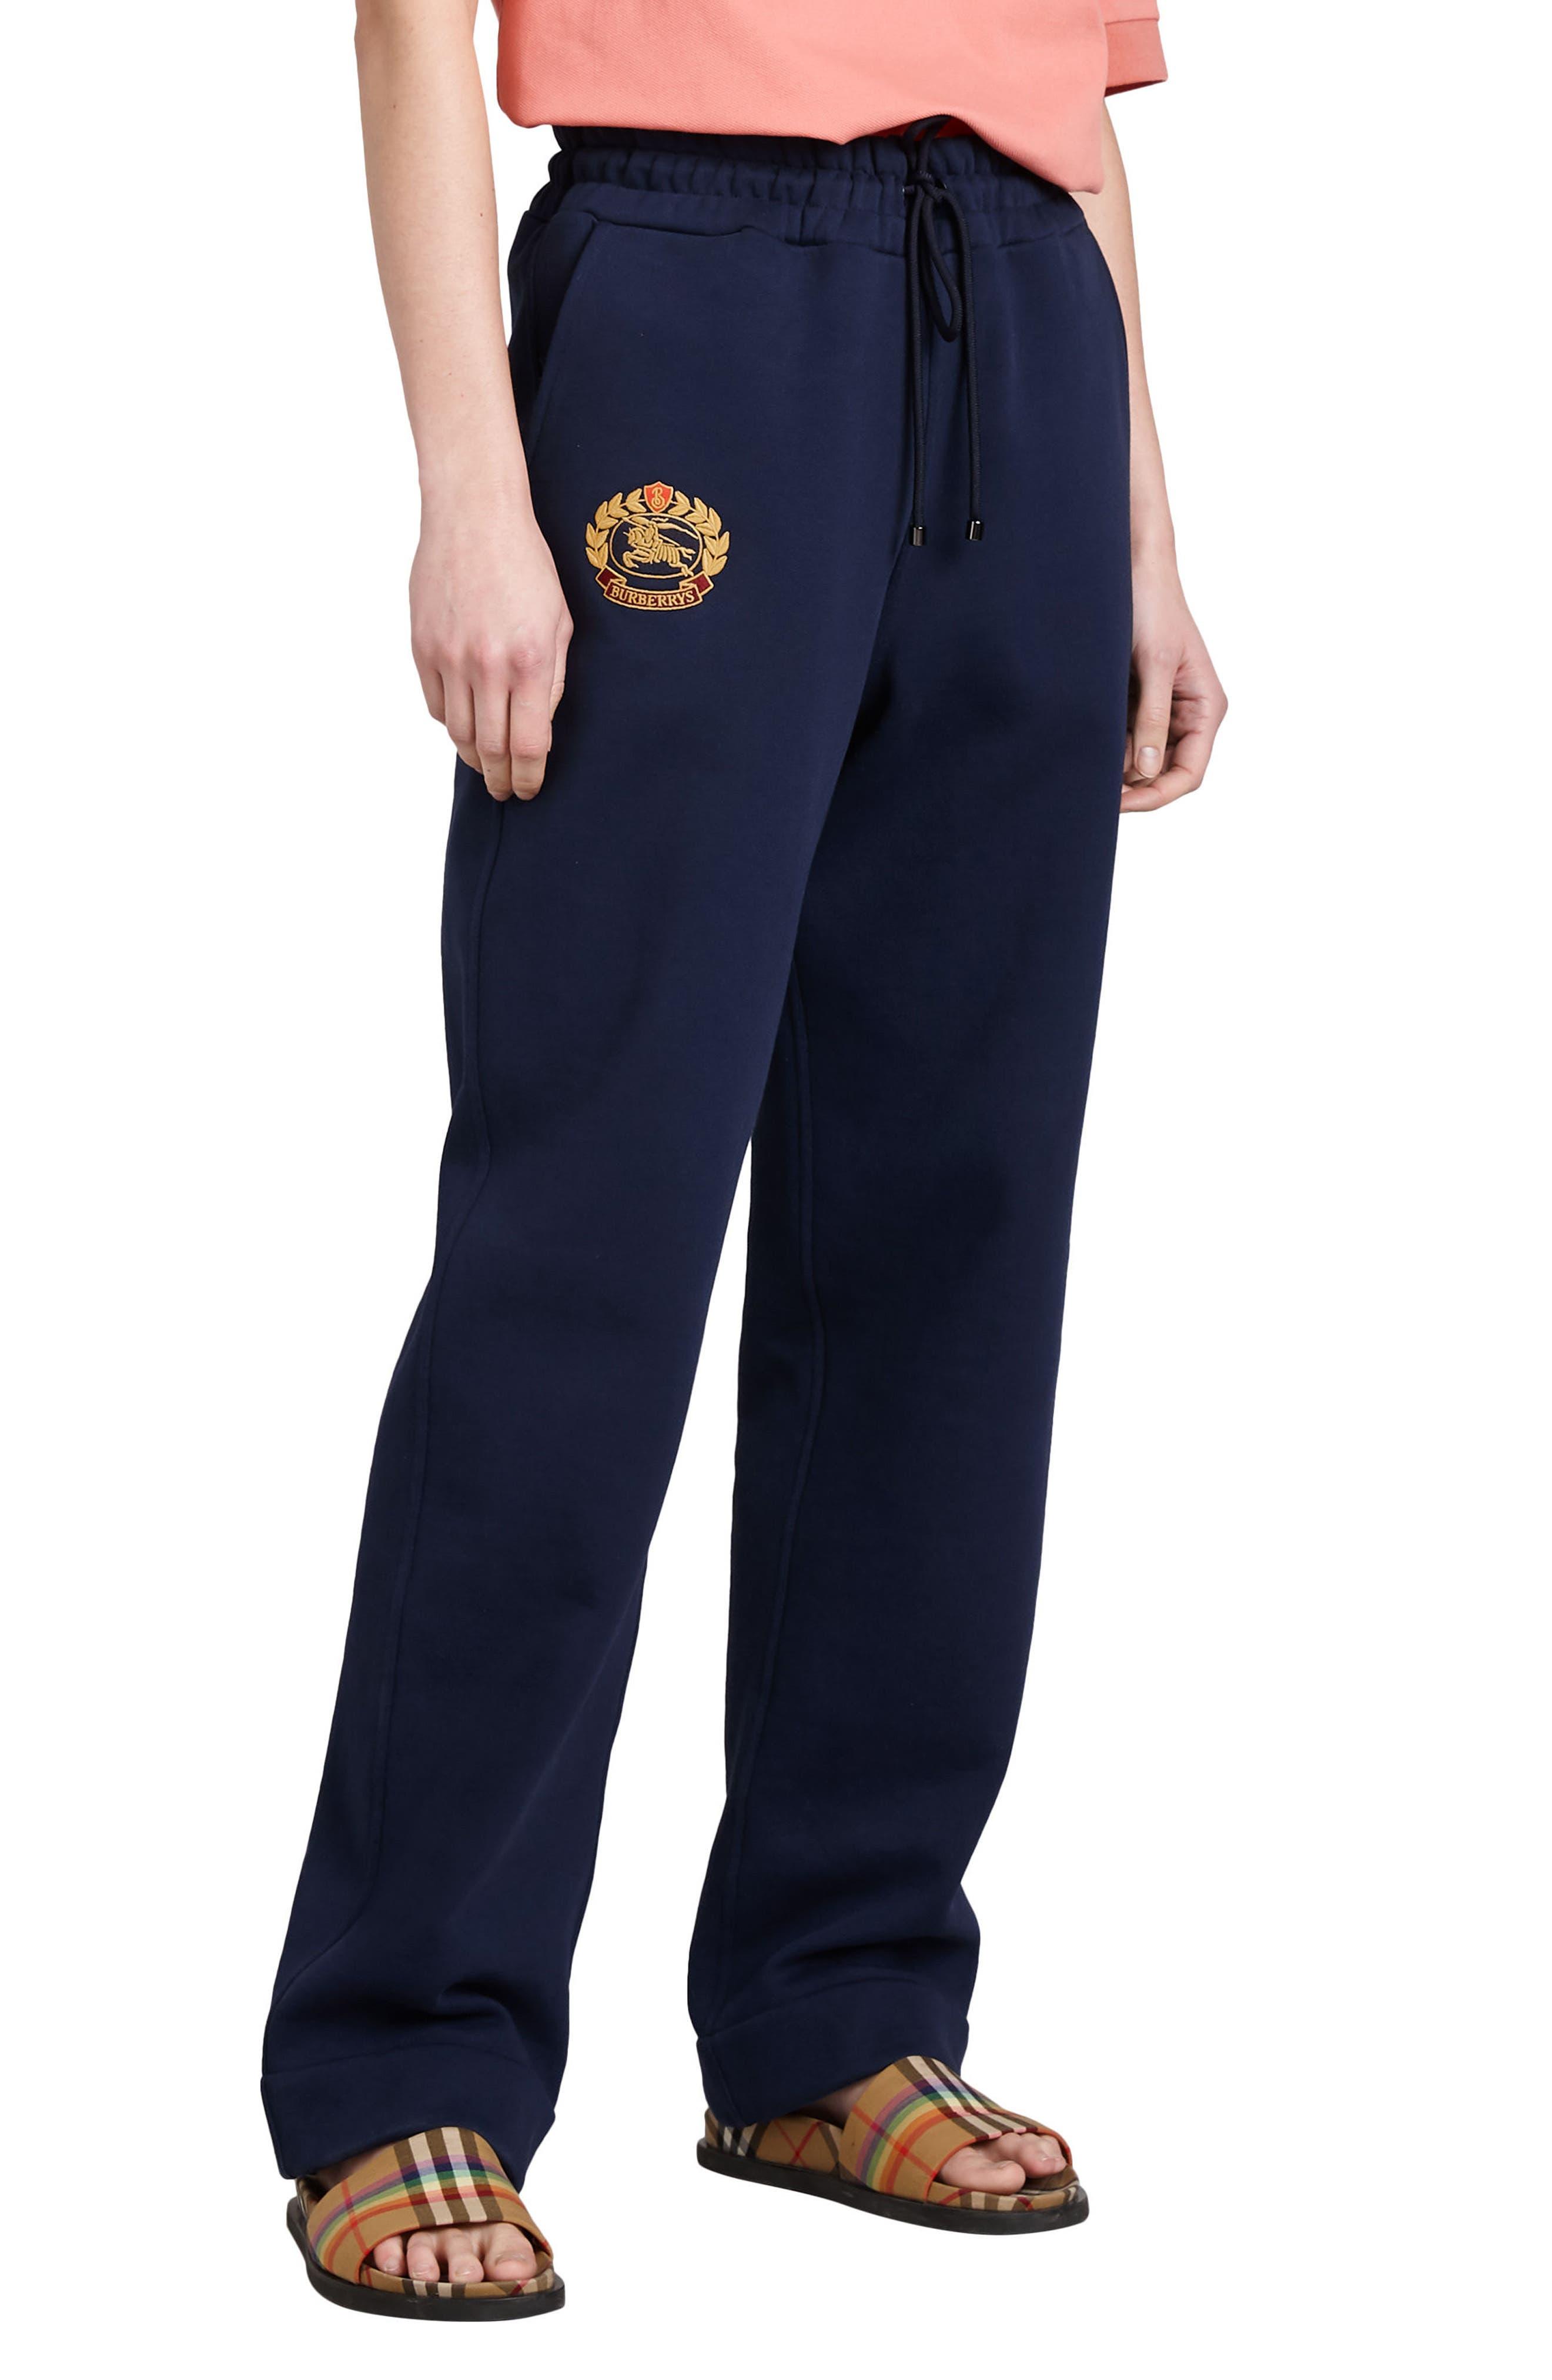 Vintage Crest Sweatpants,                             Main thumbnail 1, color,                             Midnight Blue